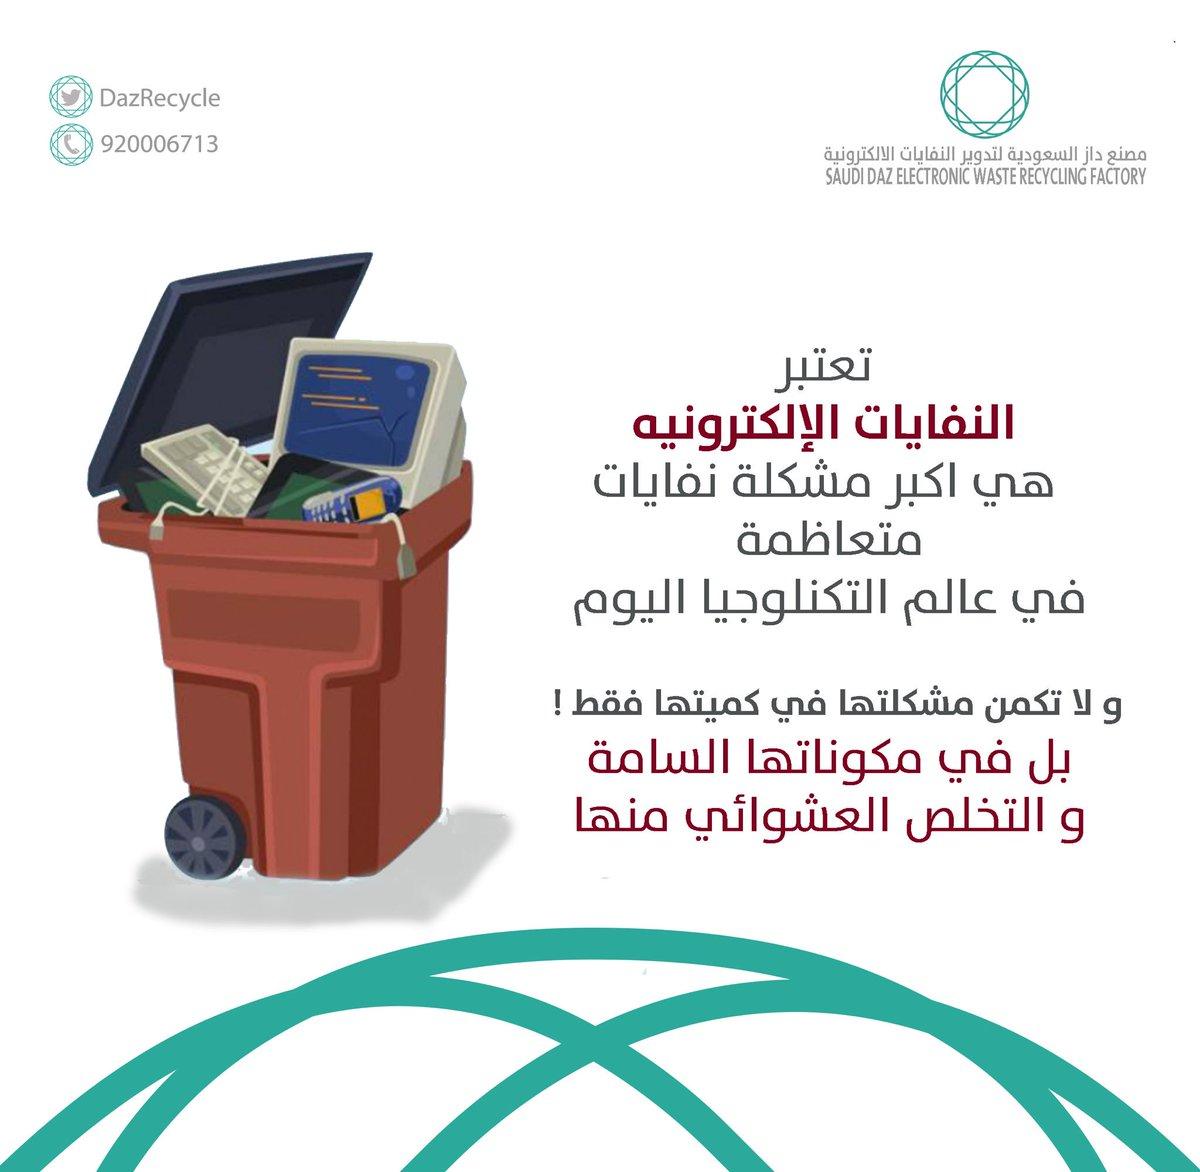 داز لتدوير النفايات الالكترونية والصلبة בטוויטר وعي المجتمع بمشكلة النفايات الإلكترونية يساهم في حل المشاكل البيئية المترتبه عليها